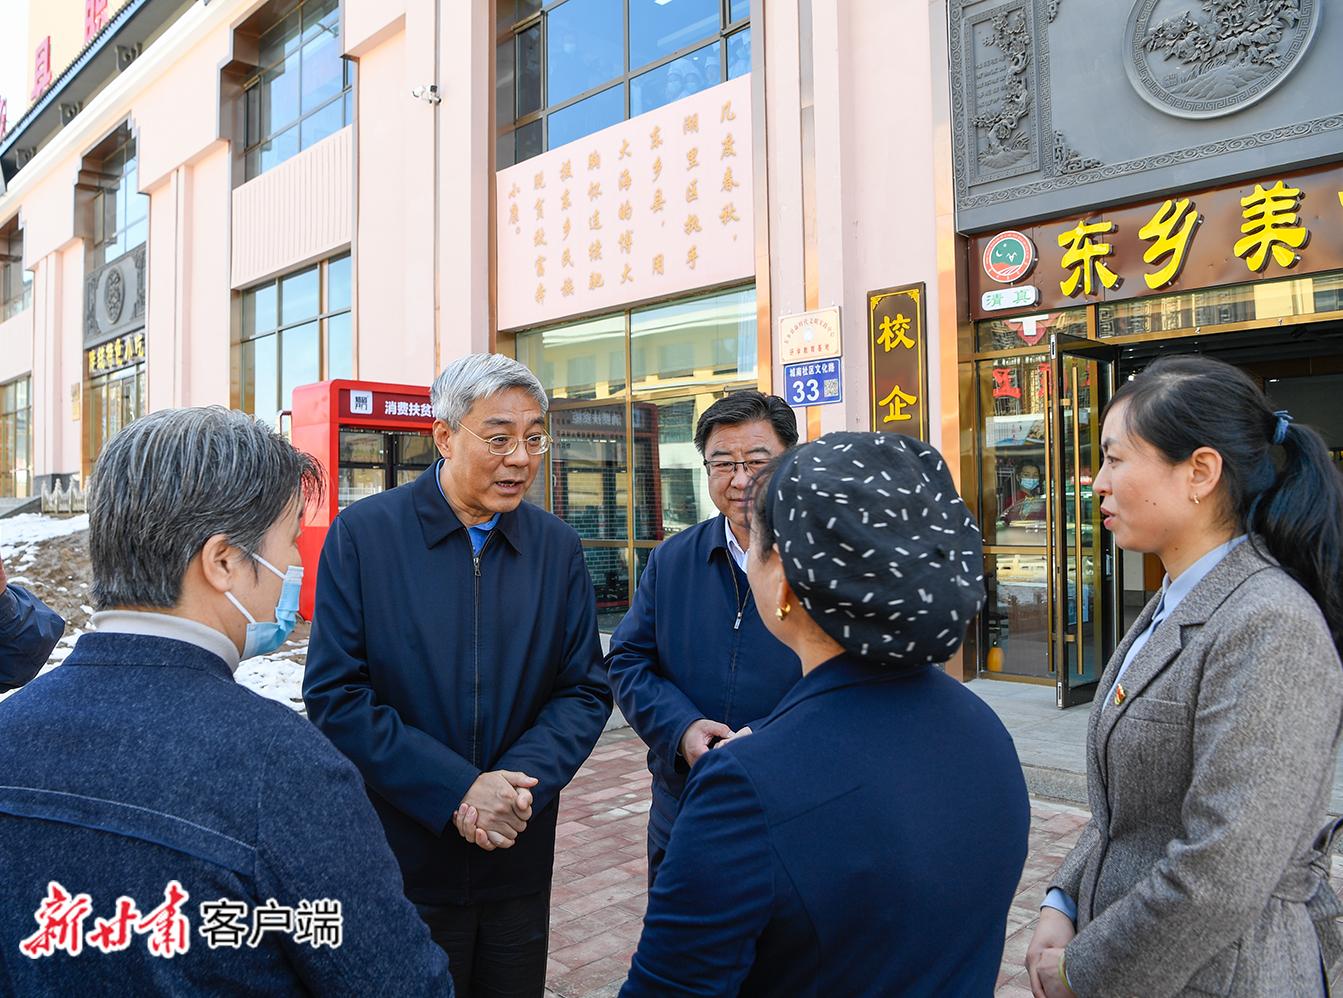 新任甘肃省委书记首次调研,为何选在这里?